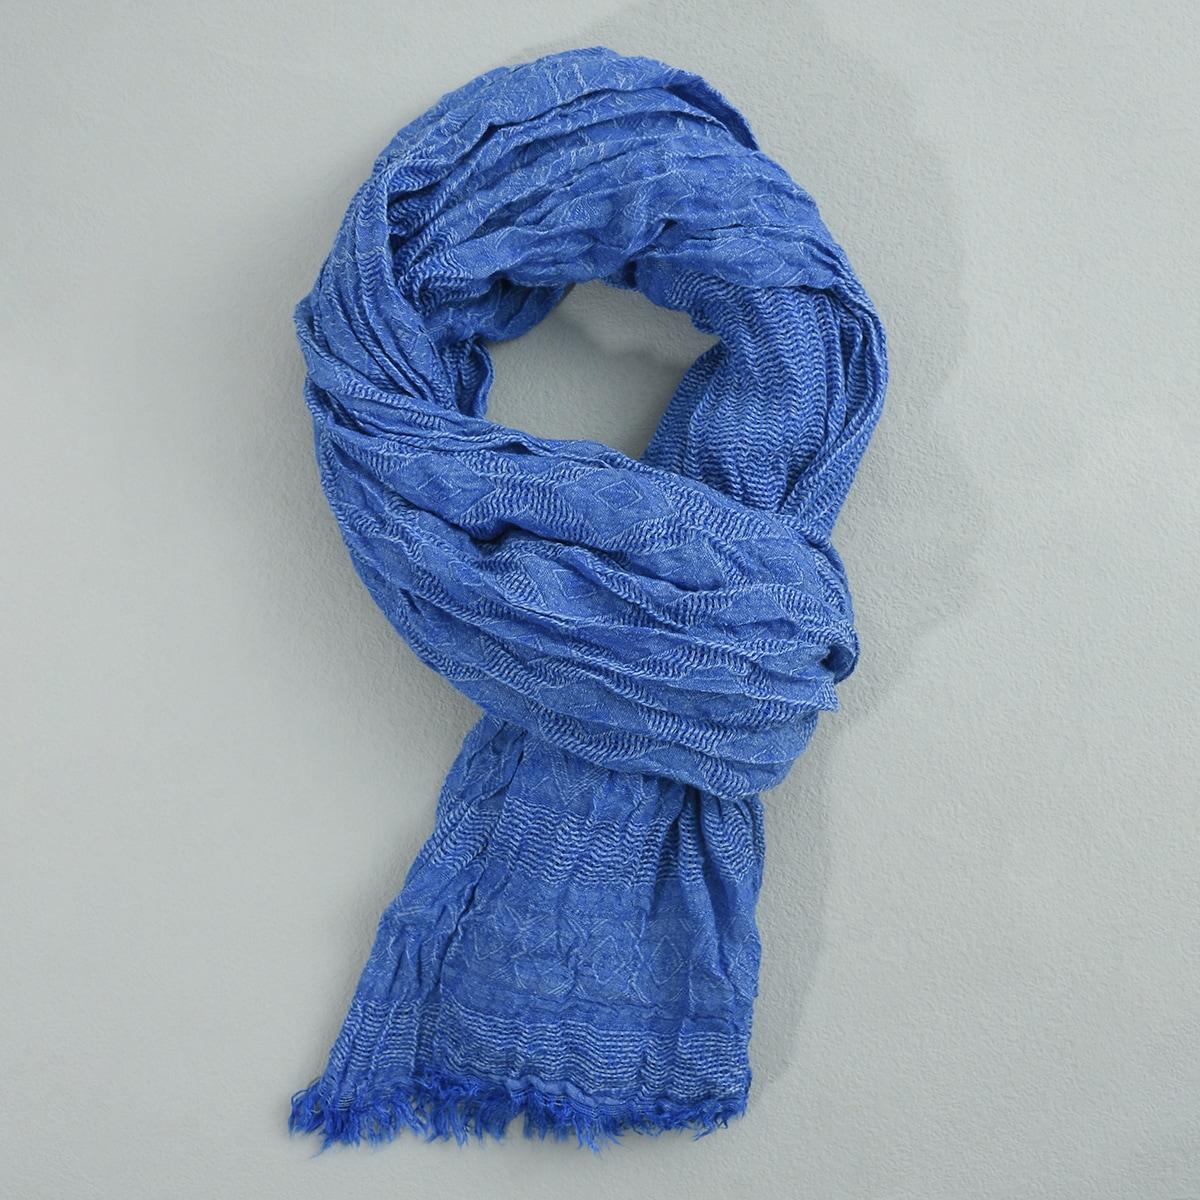 Мятый шарф для мужчины